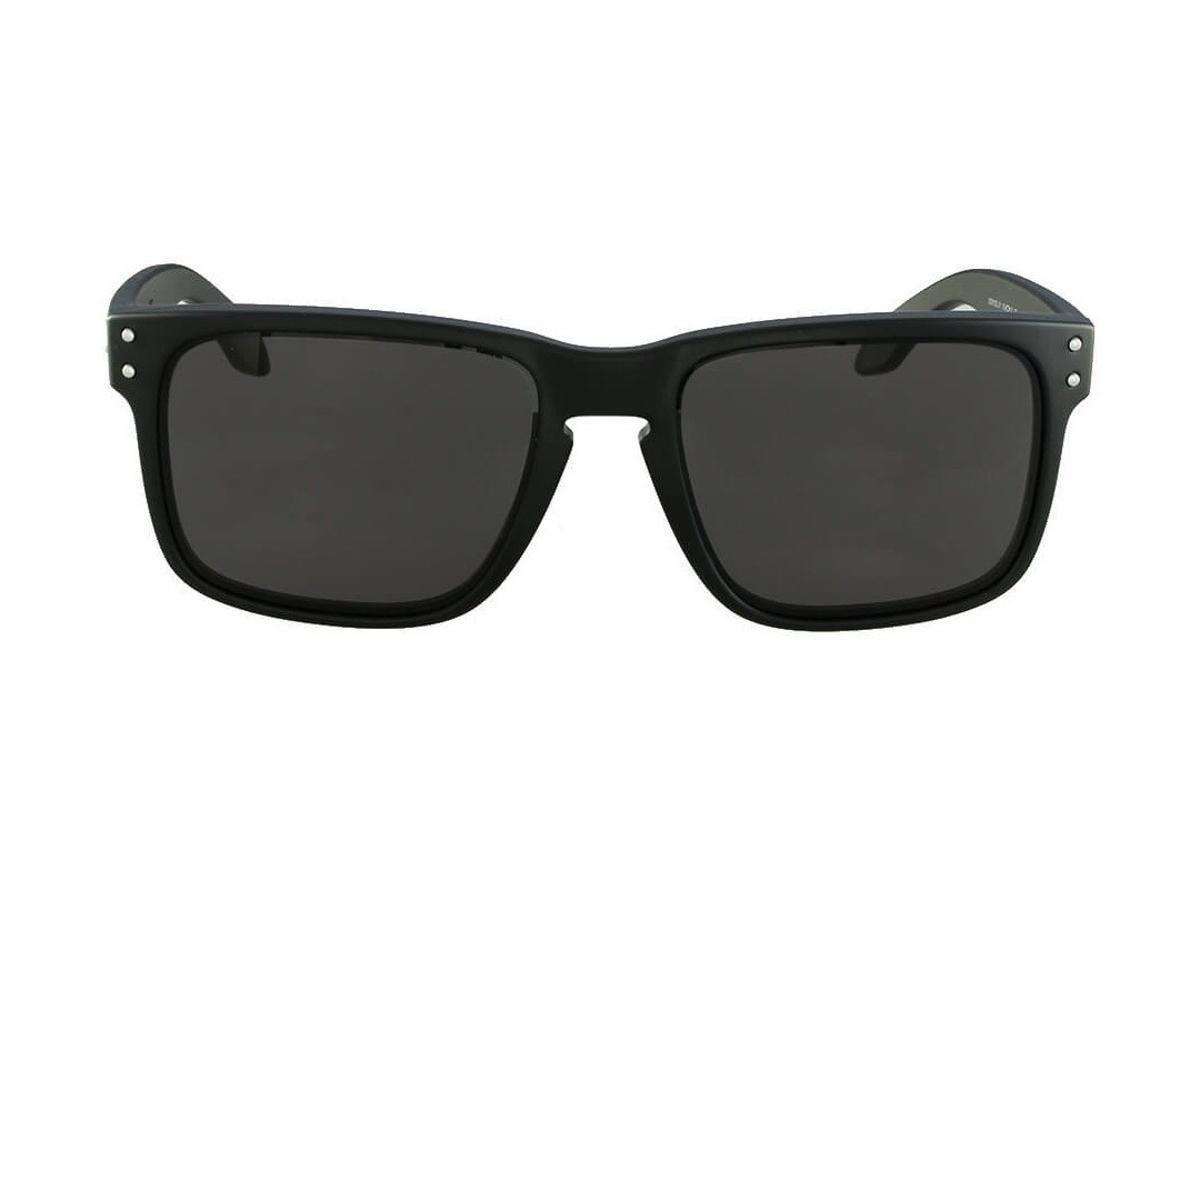 Óculos Oakley Holbrook   Livelo -Sua Vida com Mais Recompensas aeceeb7a53